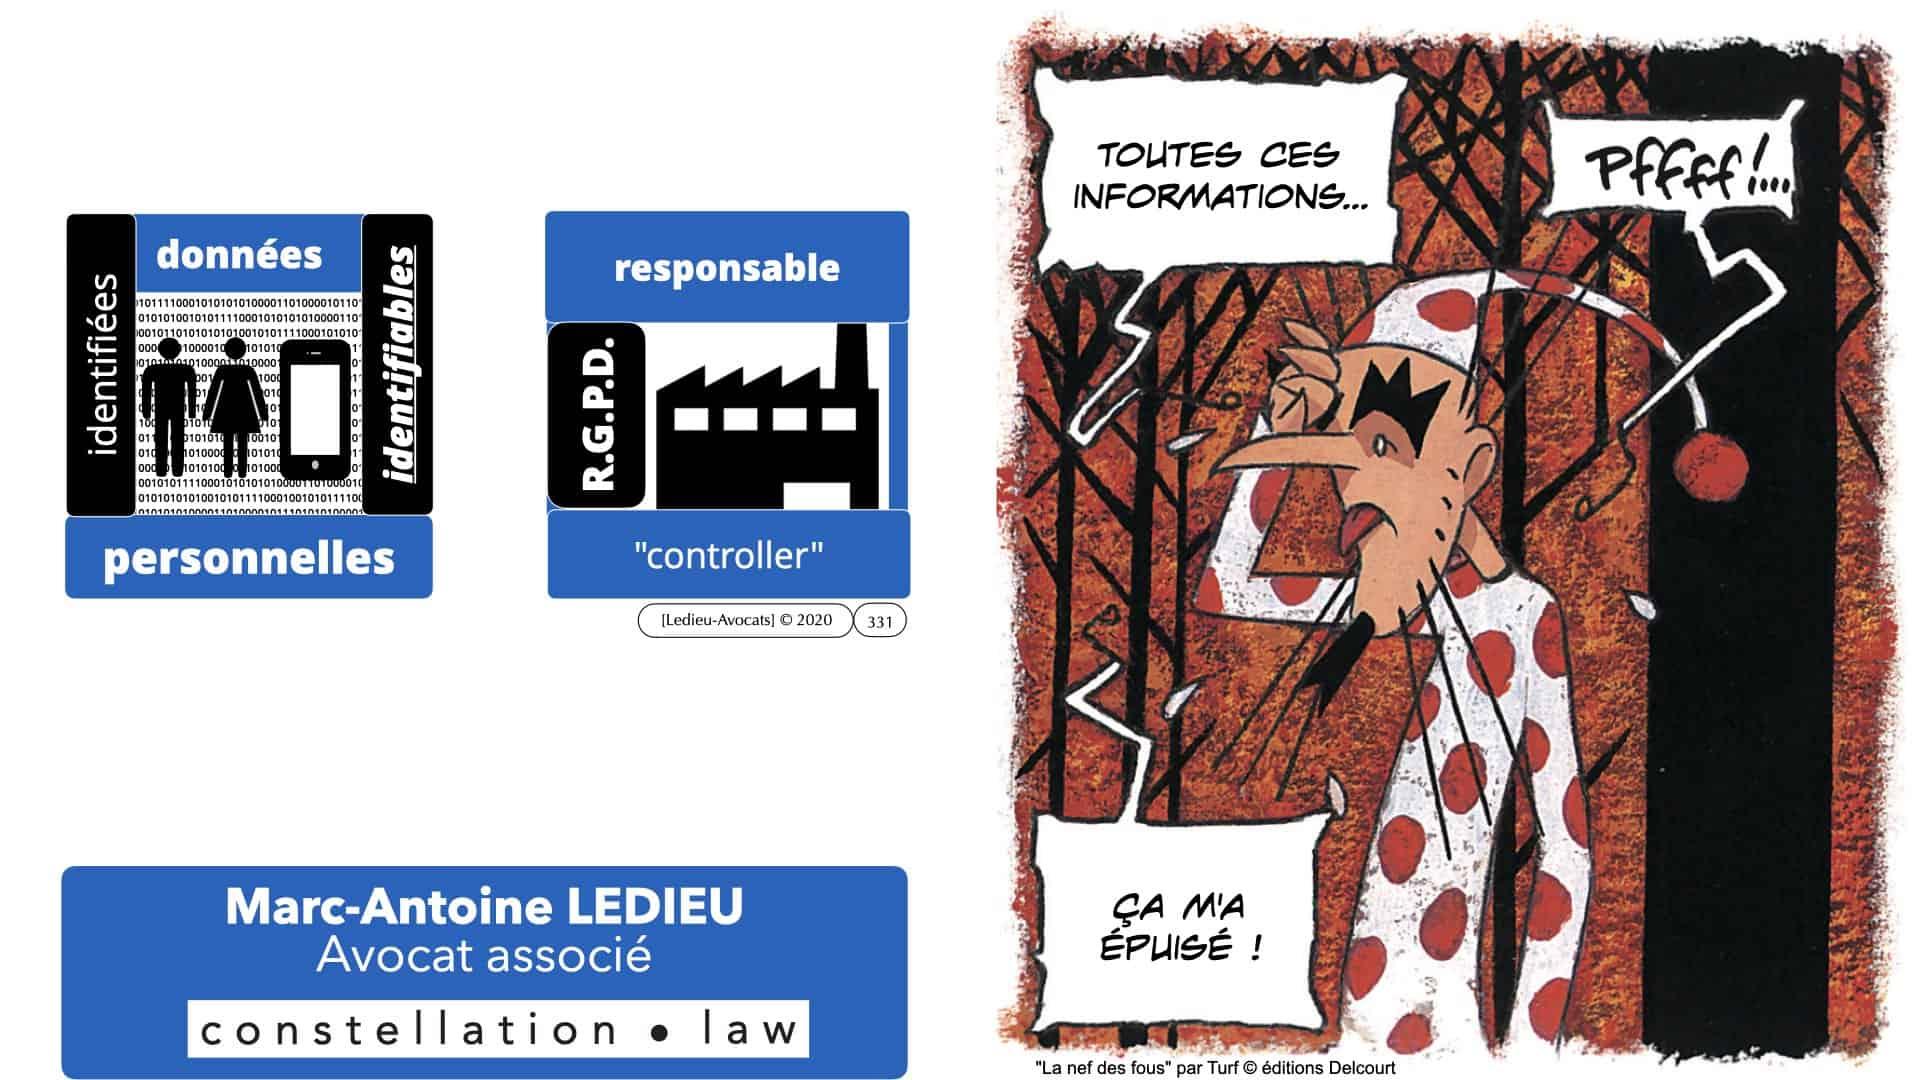 RGPD e-Privacy données personnelles jurisprudence formation Lamy Les Echos 10-02-2021 ©Ledieu-Avocats.331